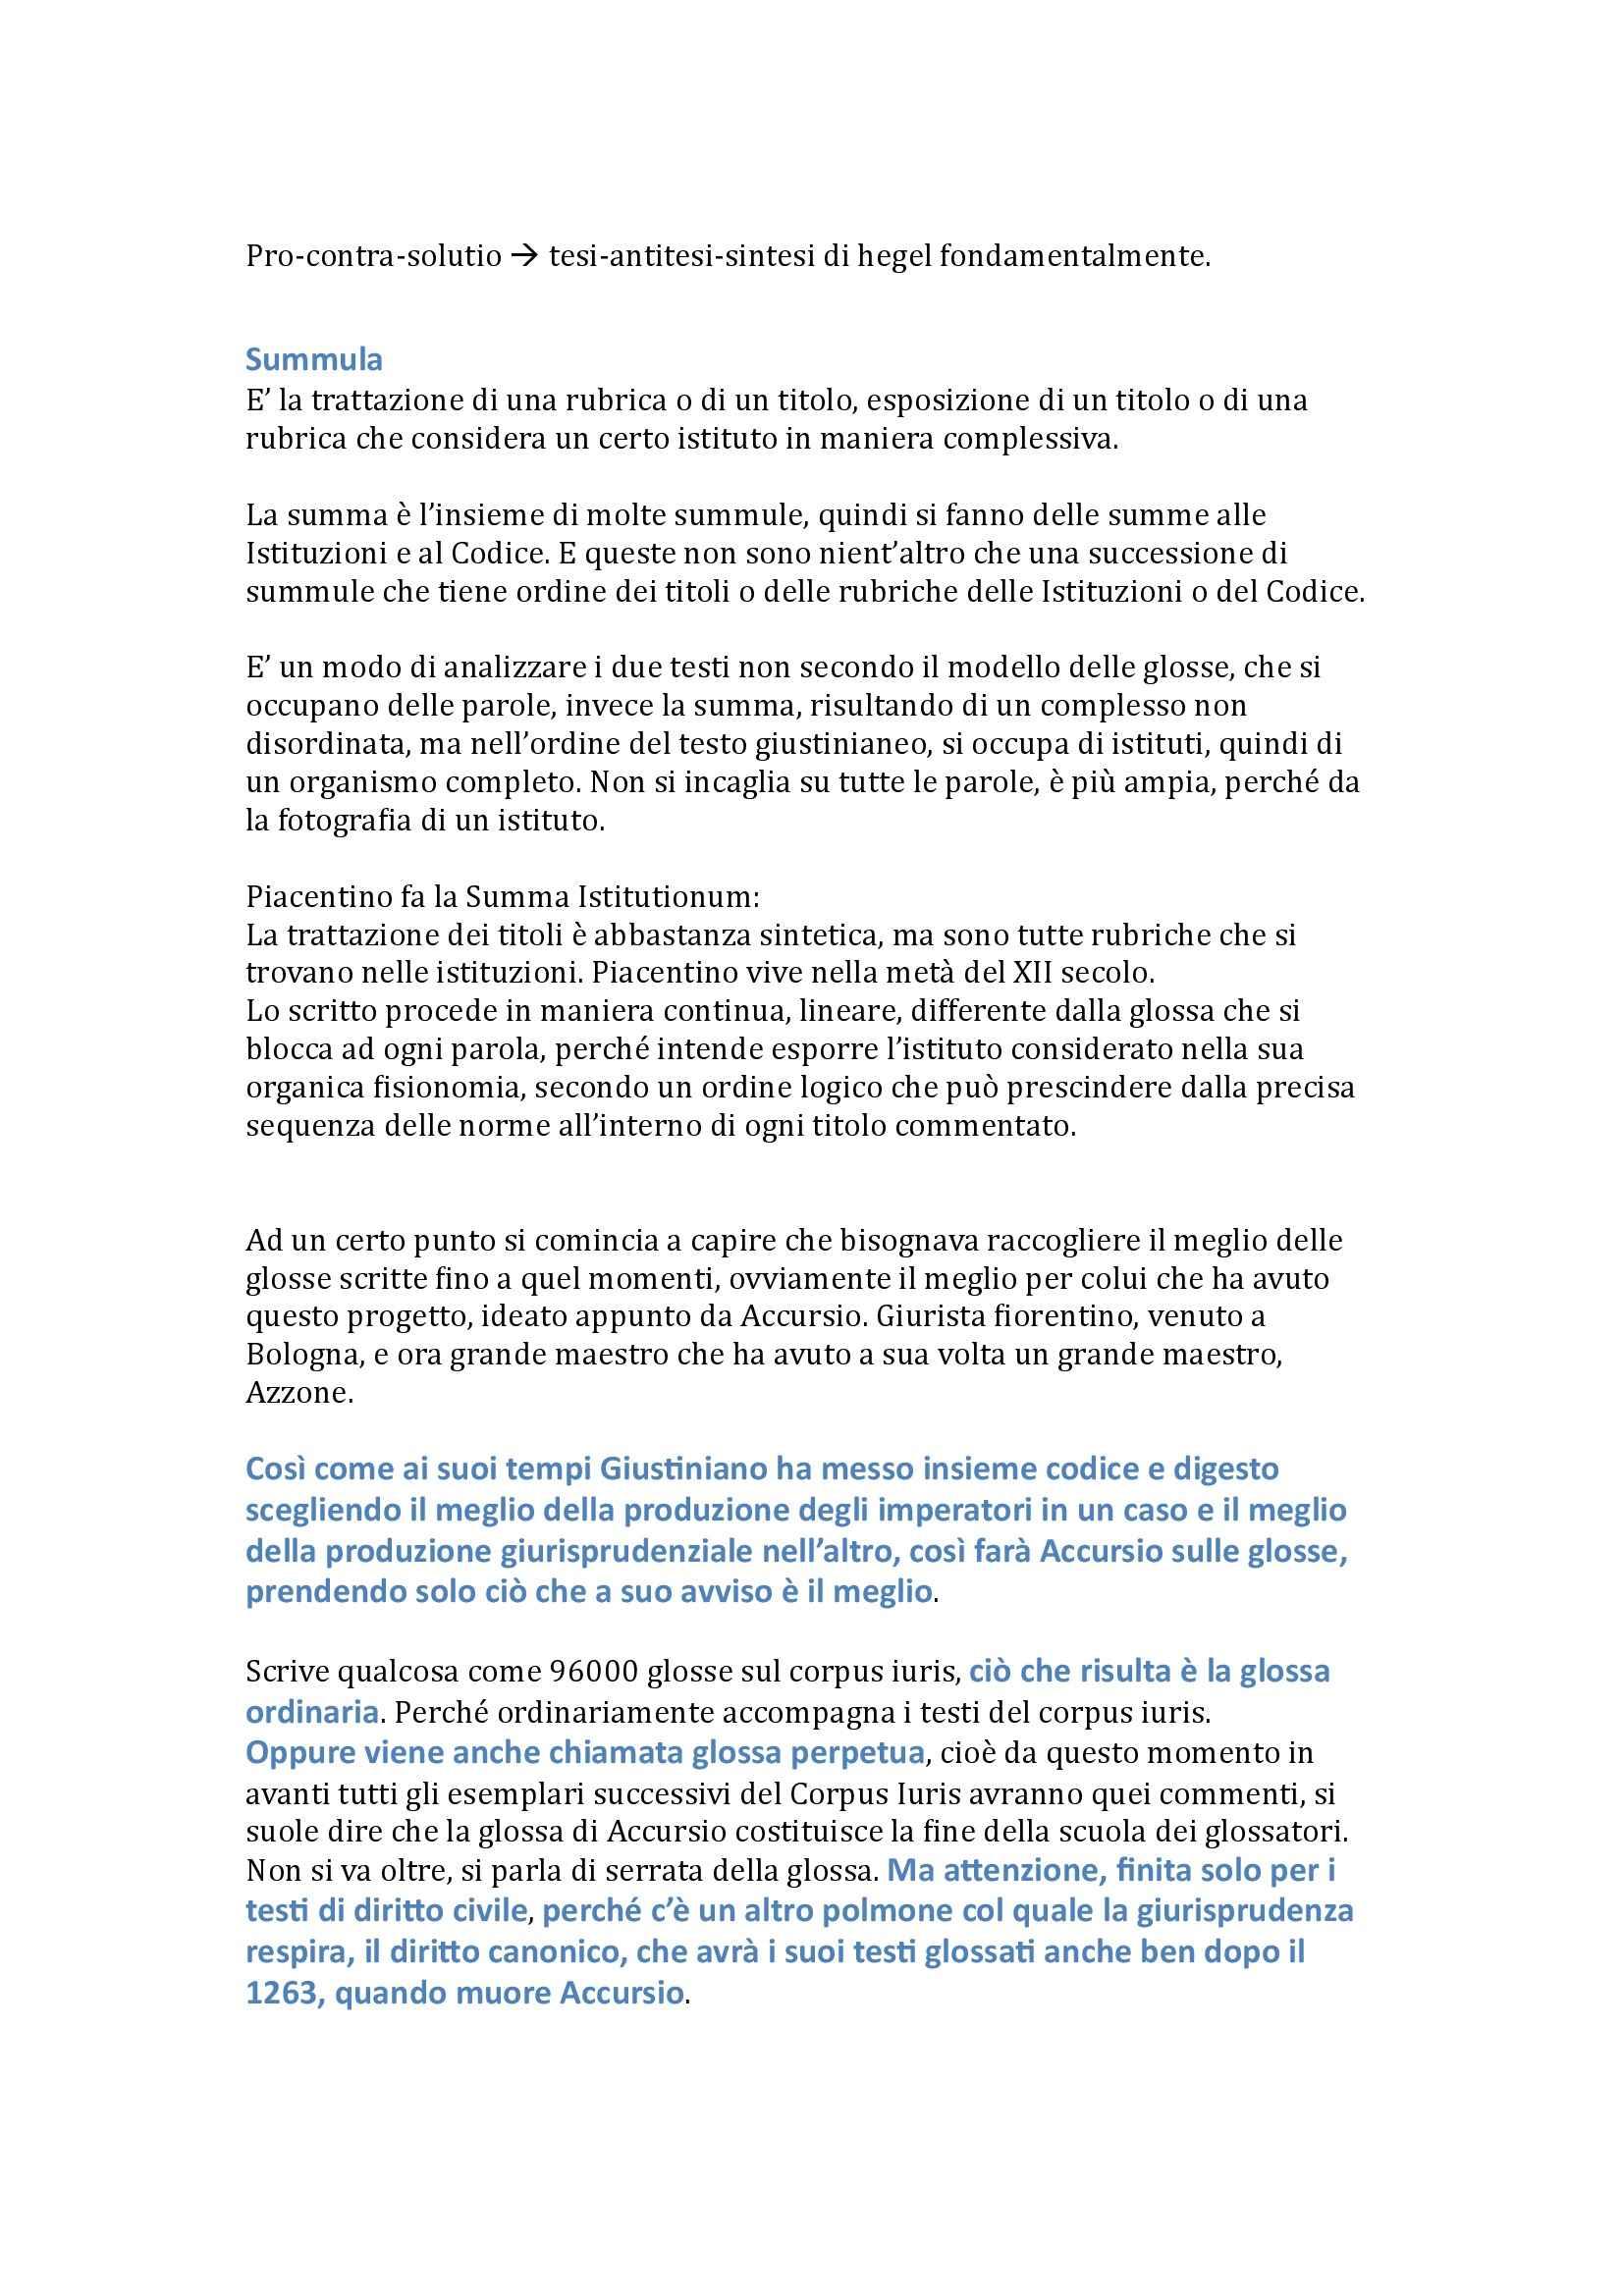 Storia del diritto medievale e moderno - Appunti Pag. 21